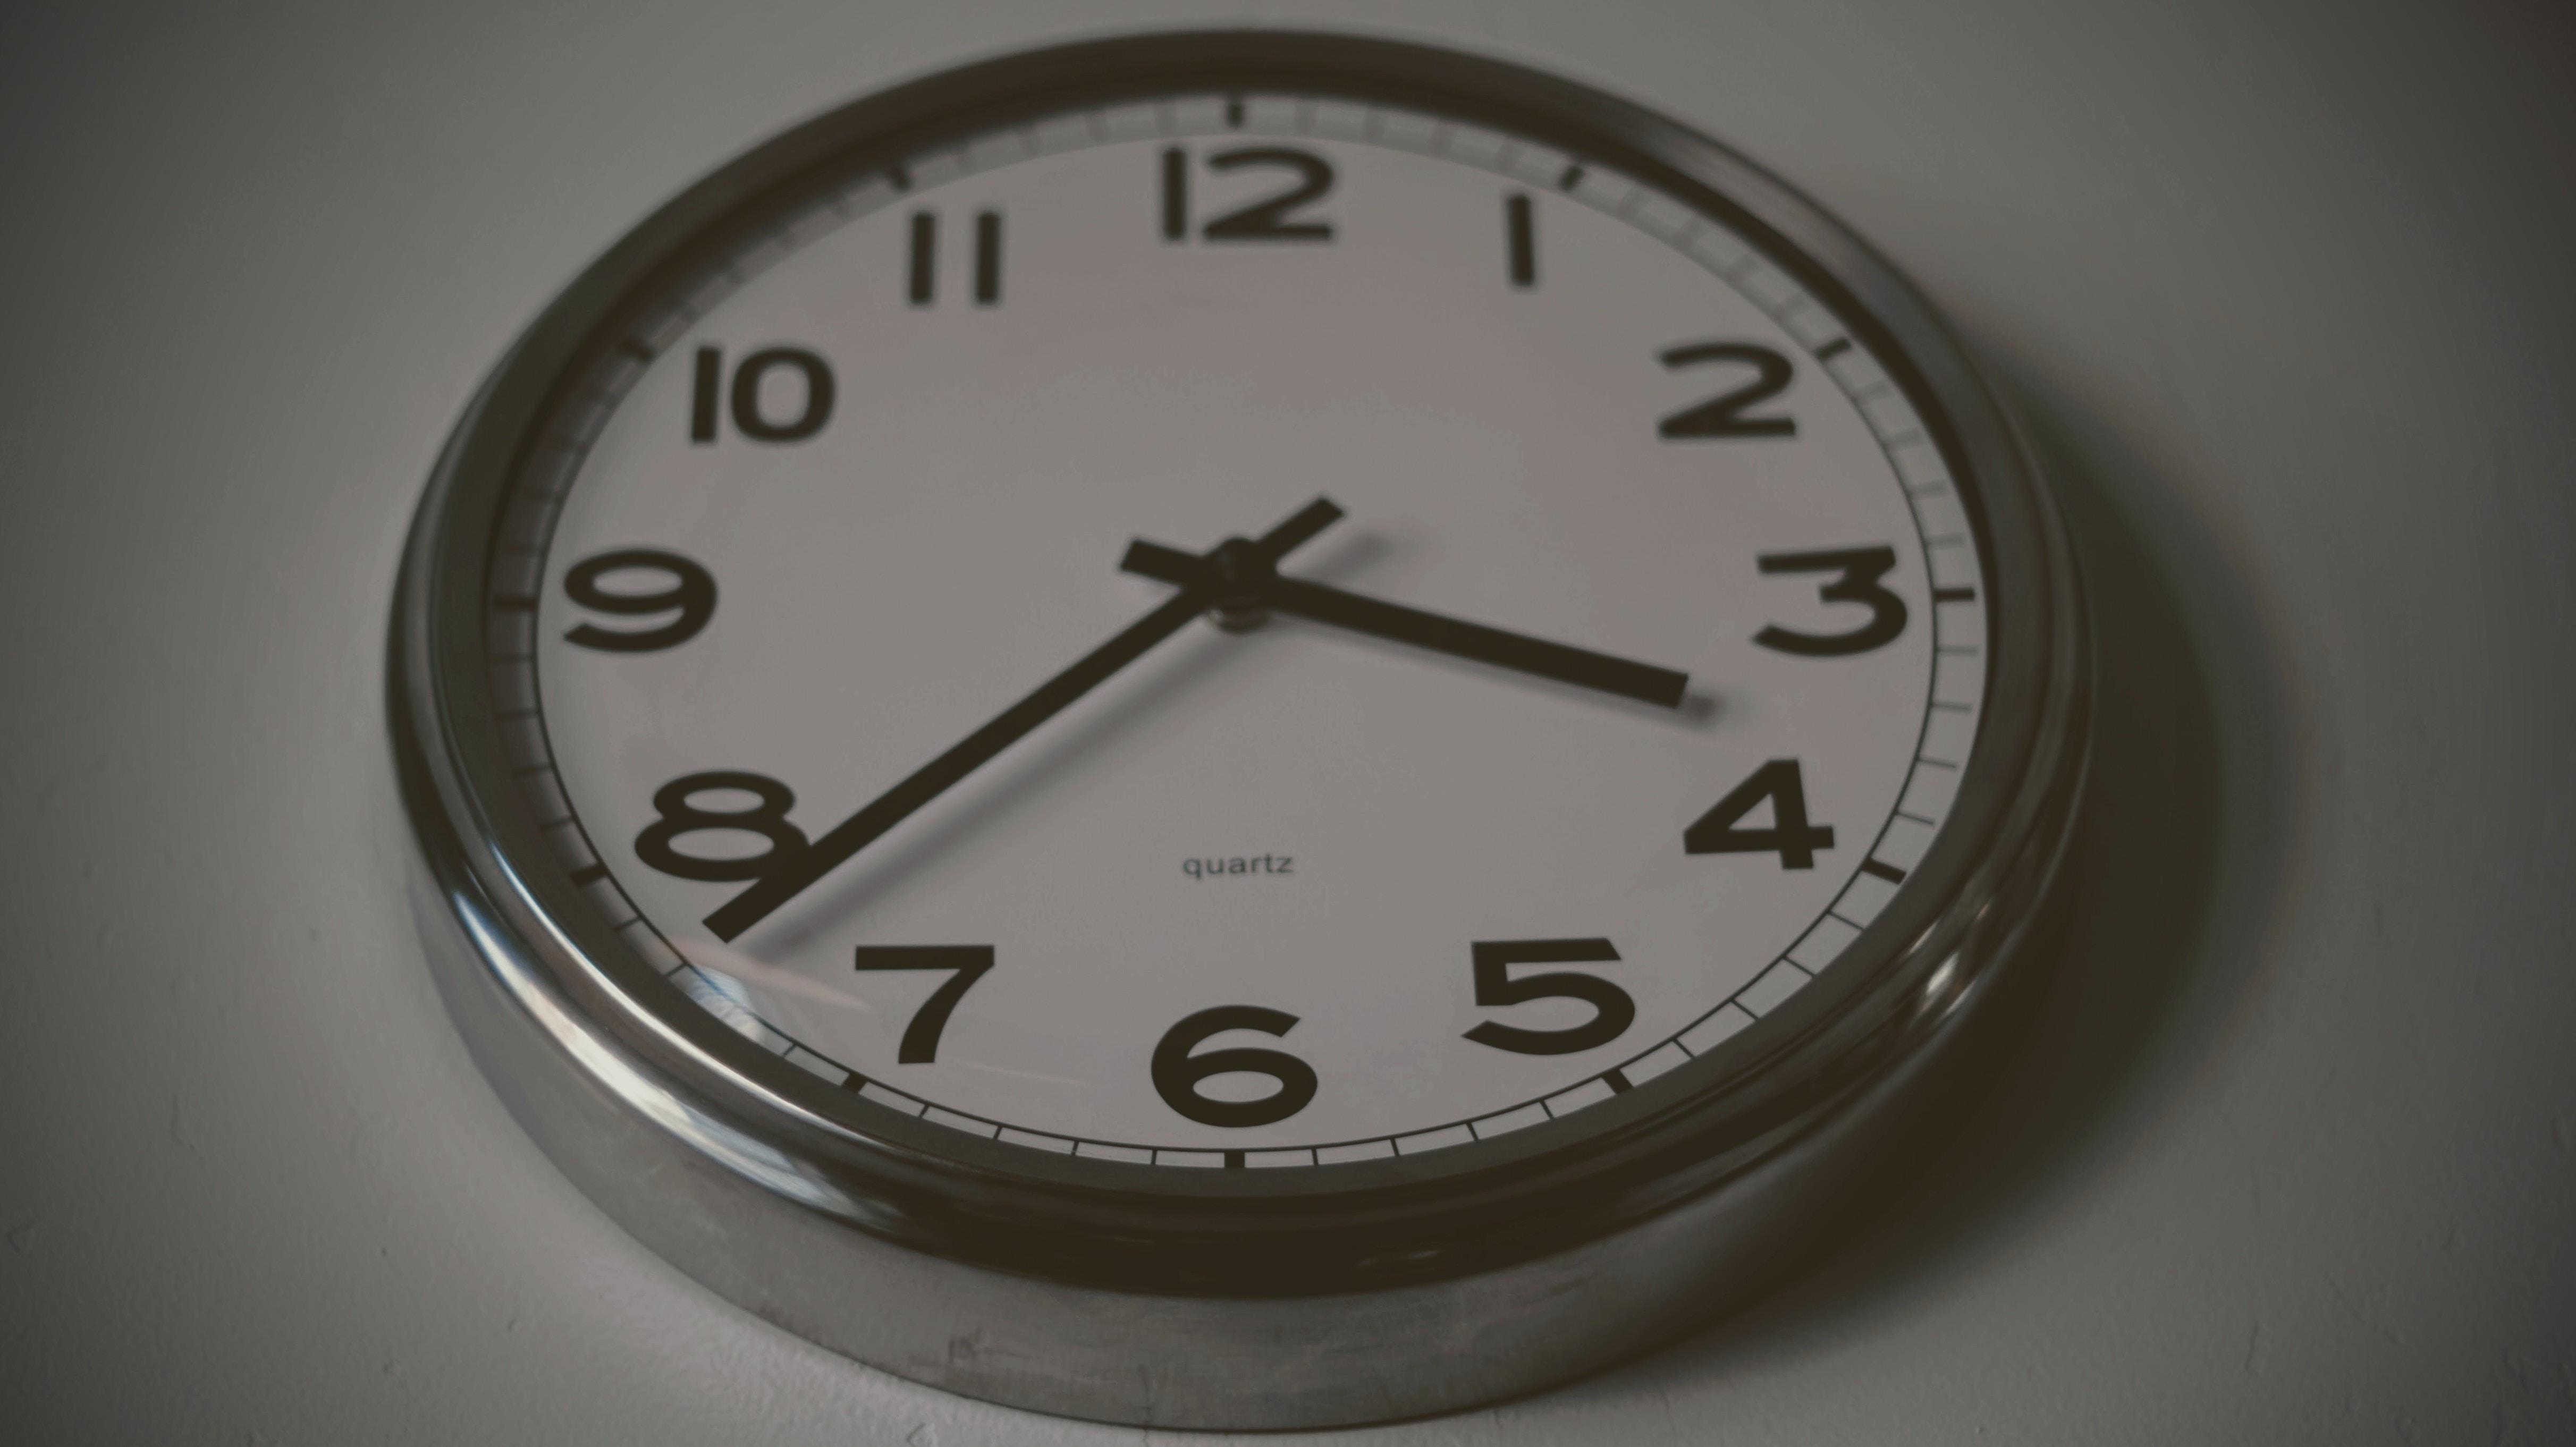 round silver wall clock at 3:38